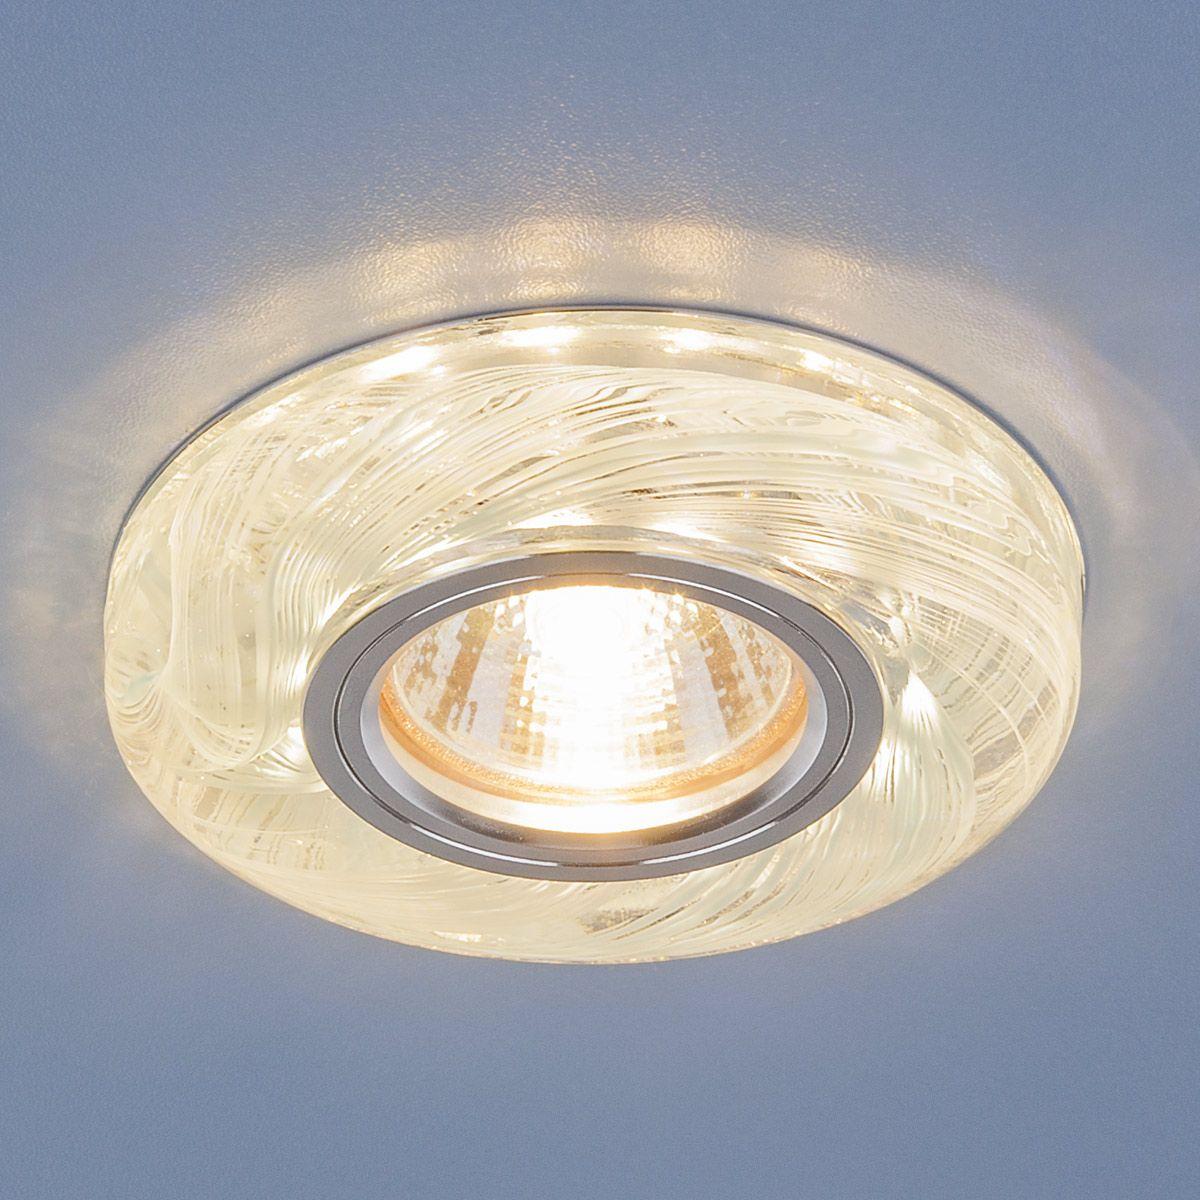 Точечный светильник с LED подсветкой 2191 MR16 CL/BL прозрачный/голубой